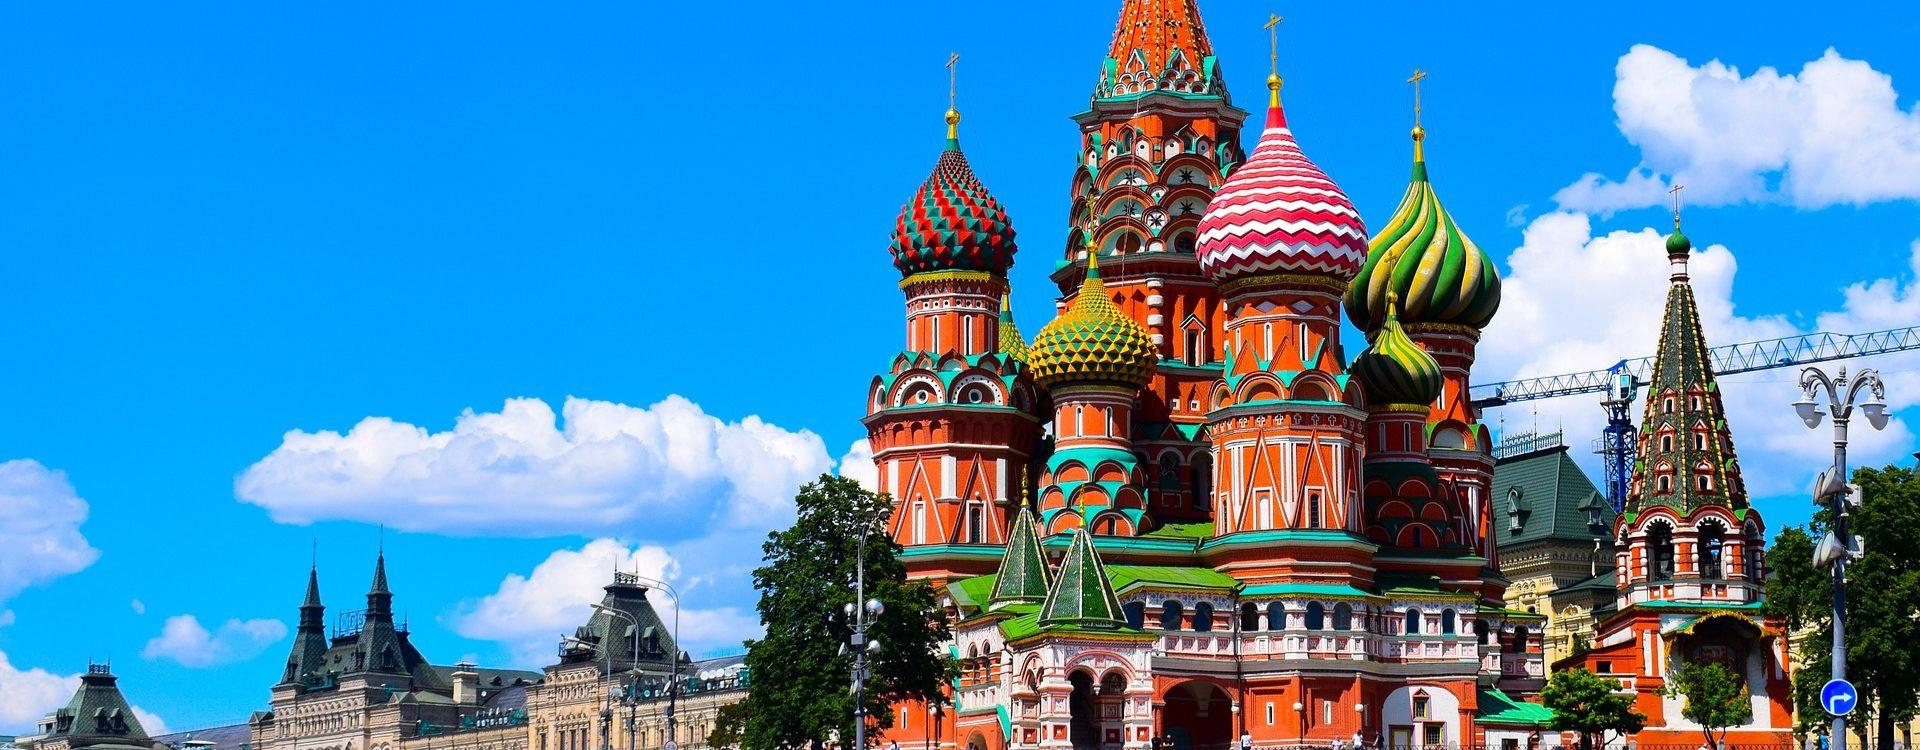 Russie - Randonnée Pulka en Carélie Russe - Les matins du monde